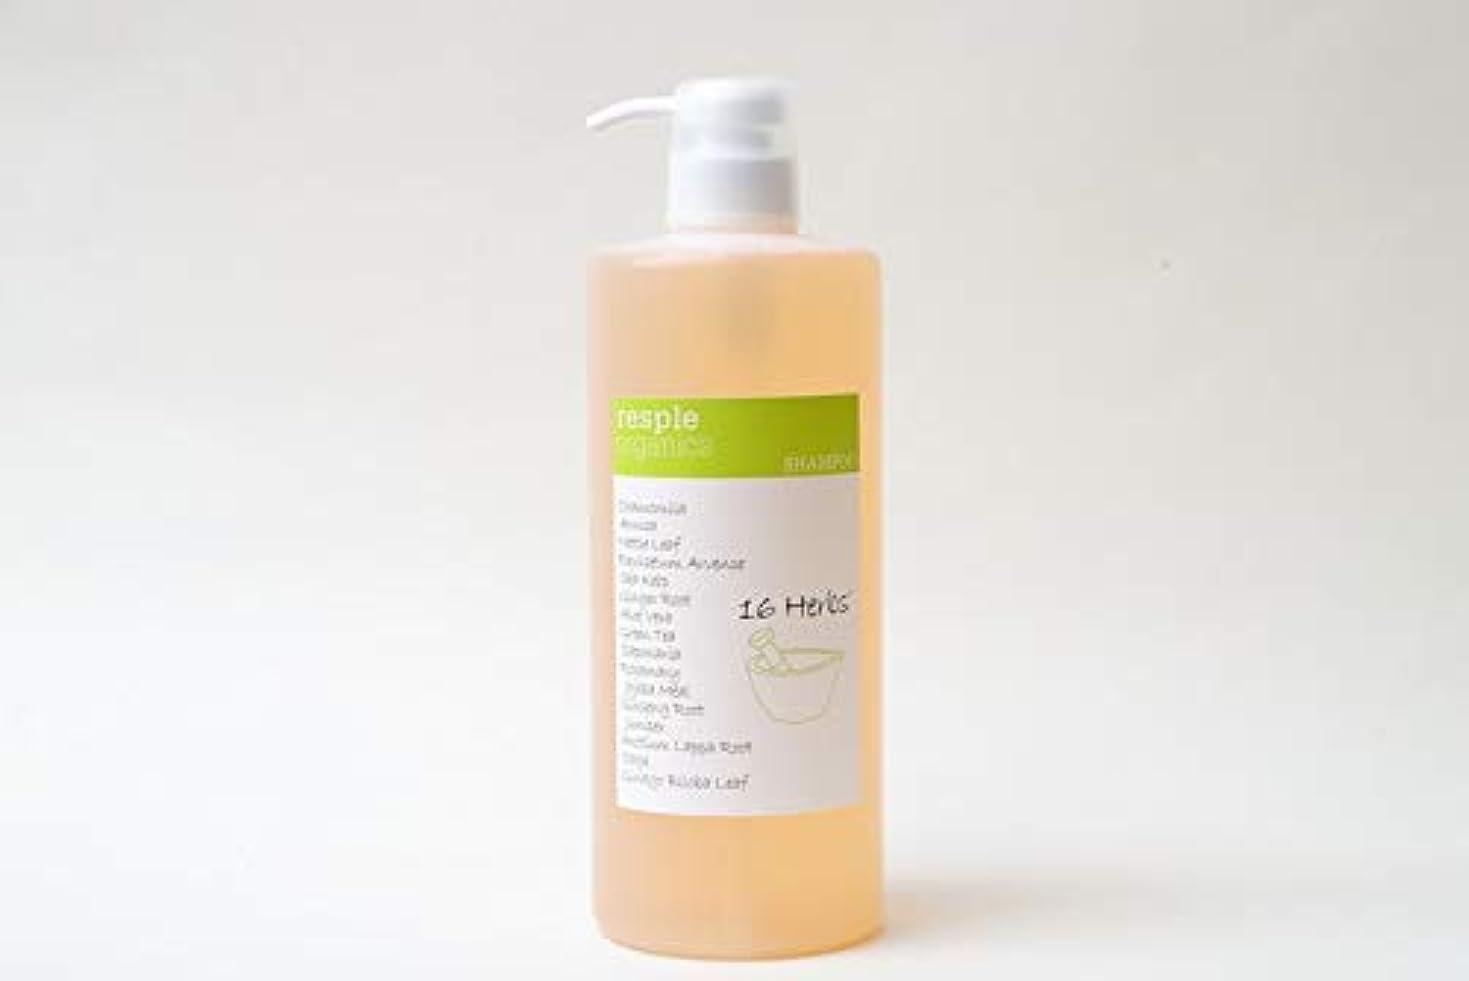 アトミックユーモラスミュウミュウresple organics shampoo【1000ml】